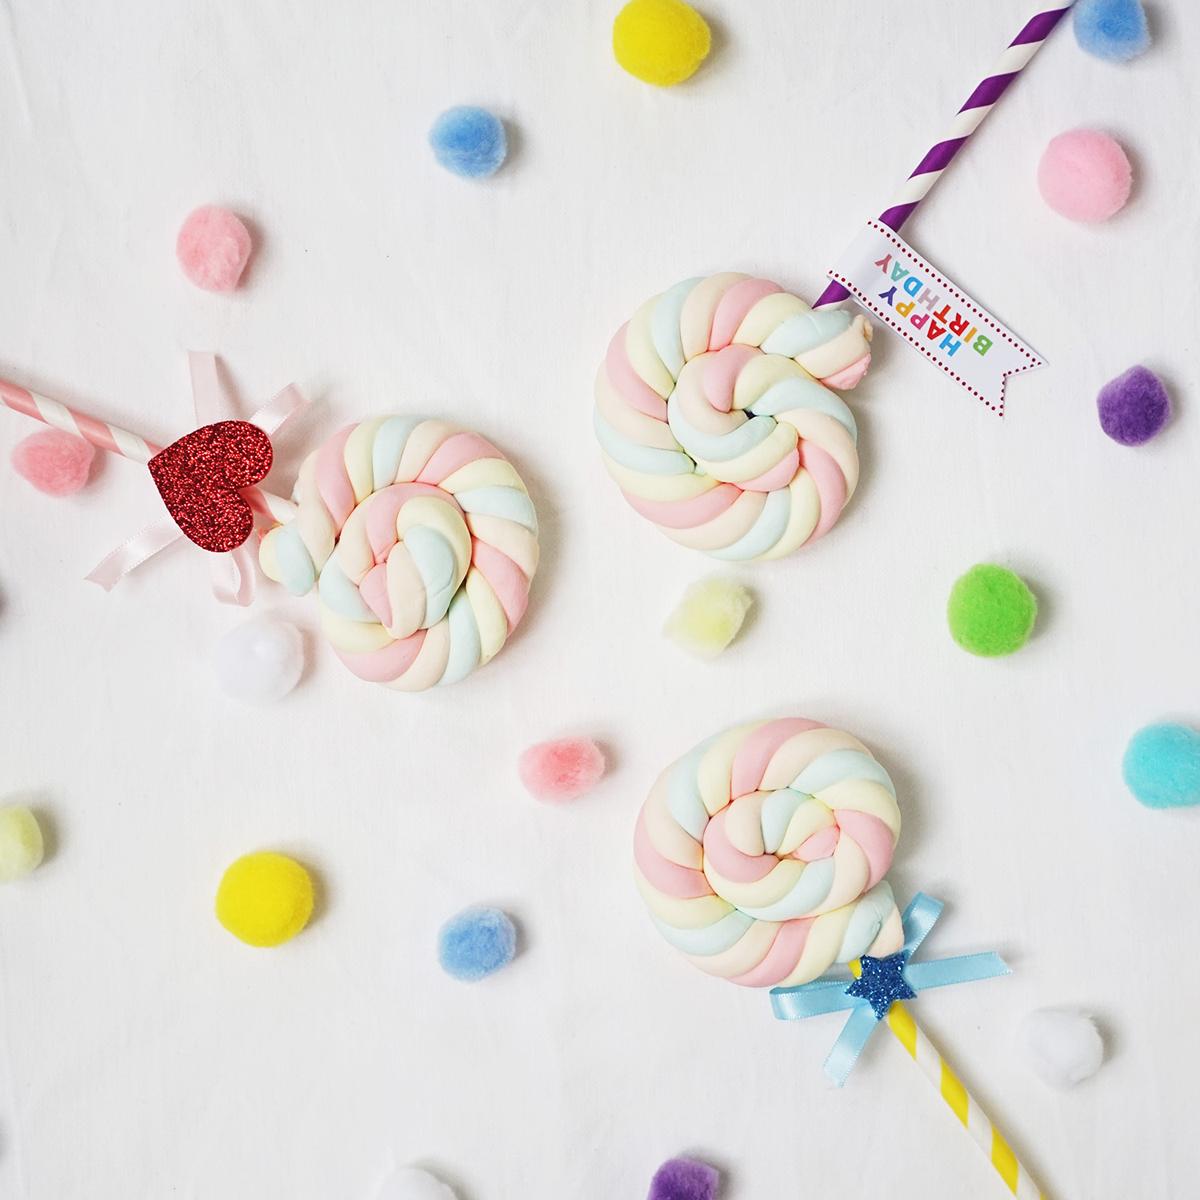 ギフトにもぴったりのパーティーフードに大変身!ロリポップ型マシュマロの作り方<br>│Let's Happy! Smile! Party! by OIWAI LABO